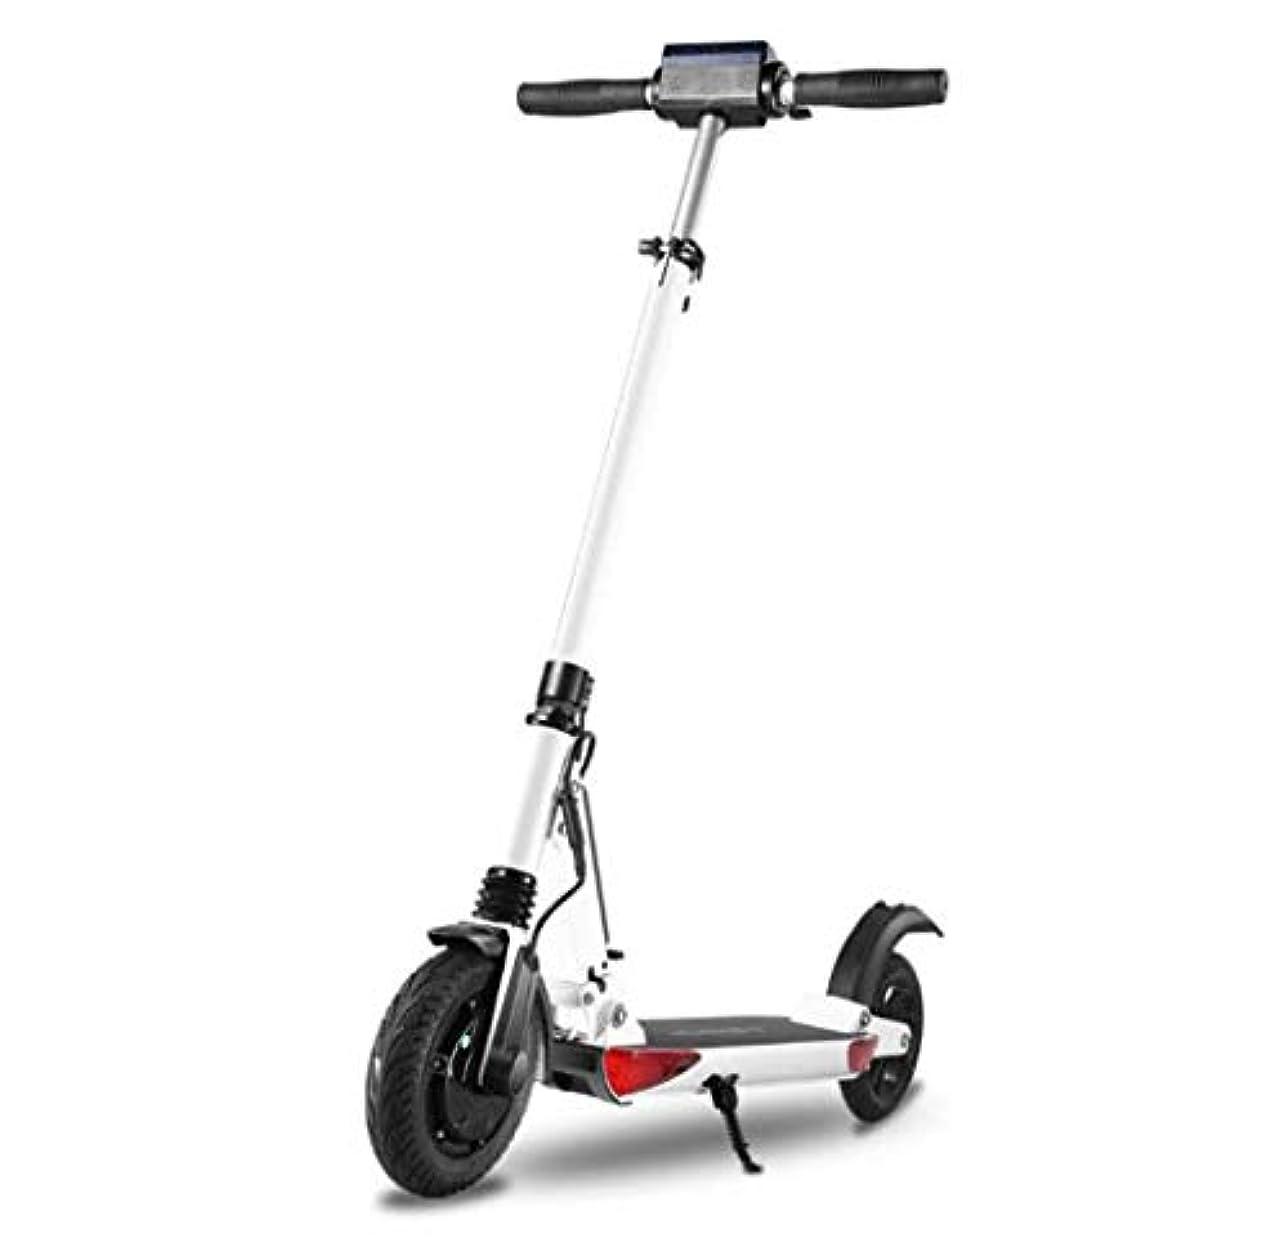 健全裸ネーピア大人350WブラシレスモーターLCDディスプレイ/ 1-3歯車調整モード/クルーズコントロールシステム、連続走行距離搭載折りたたみ電動スクーター、:30 KM